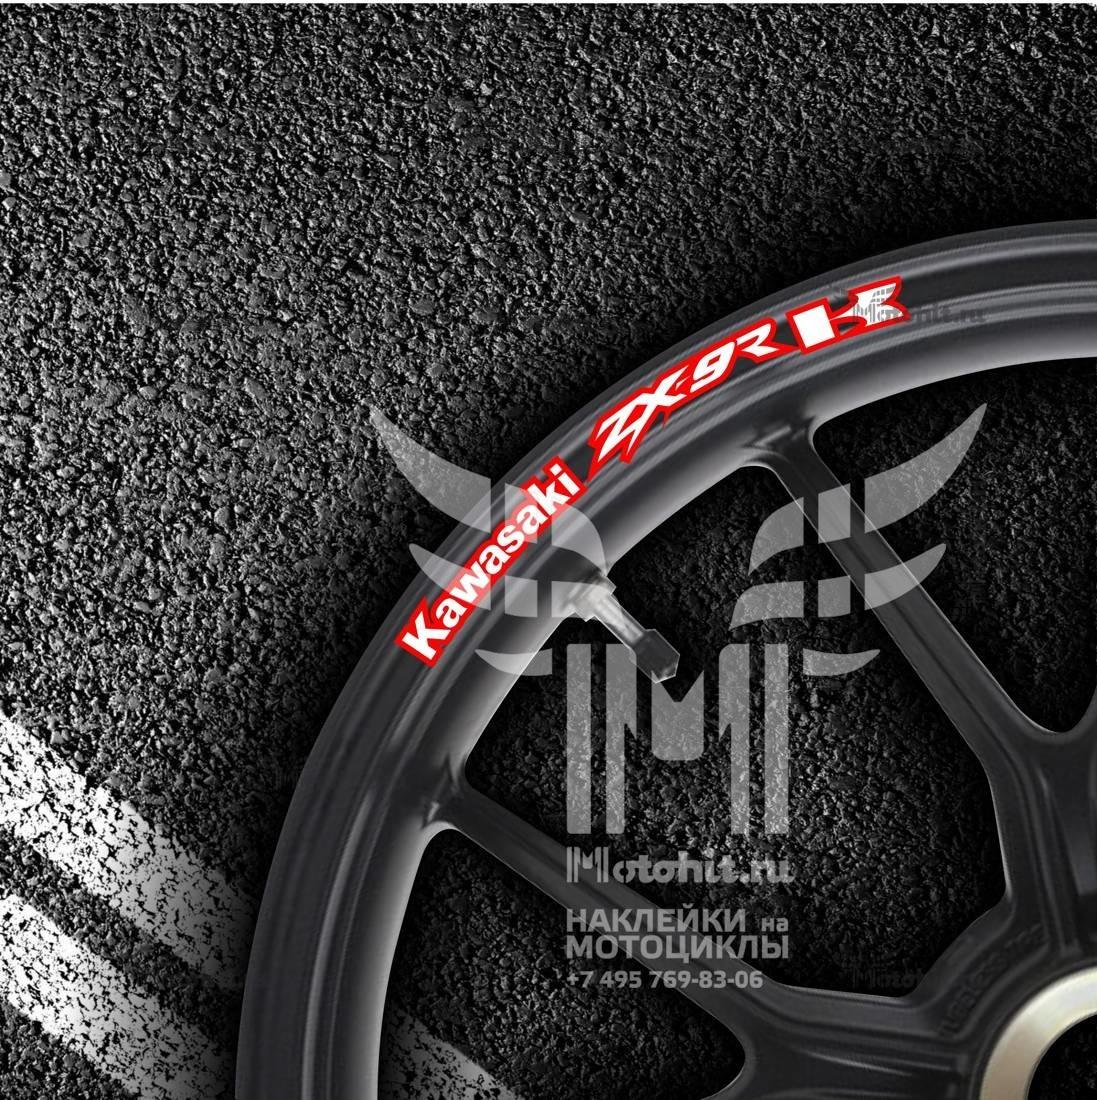 Комплект наклеек на обод колеса мотоцикла KAWASAKI ZX-9R-K